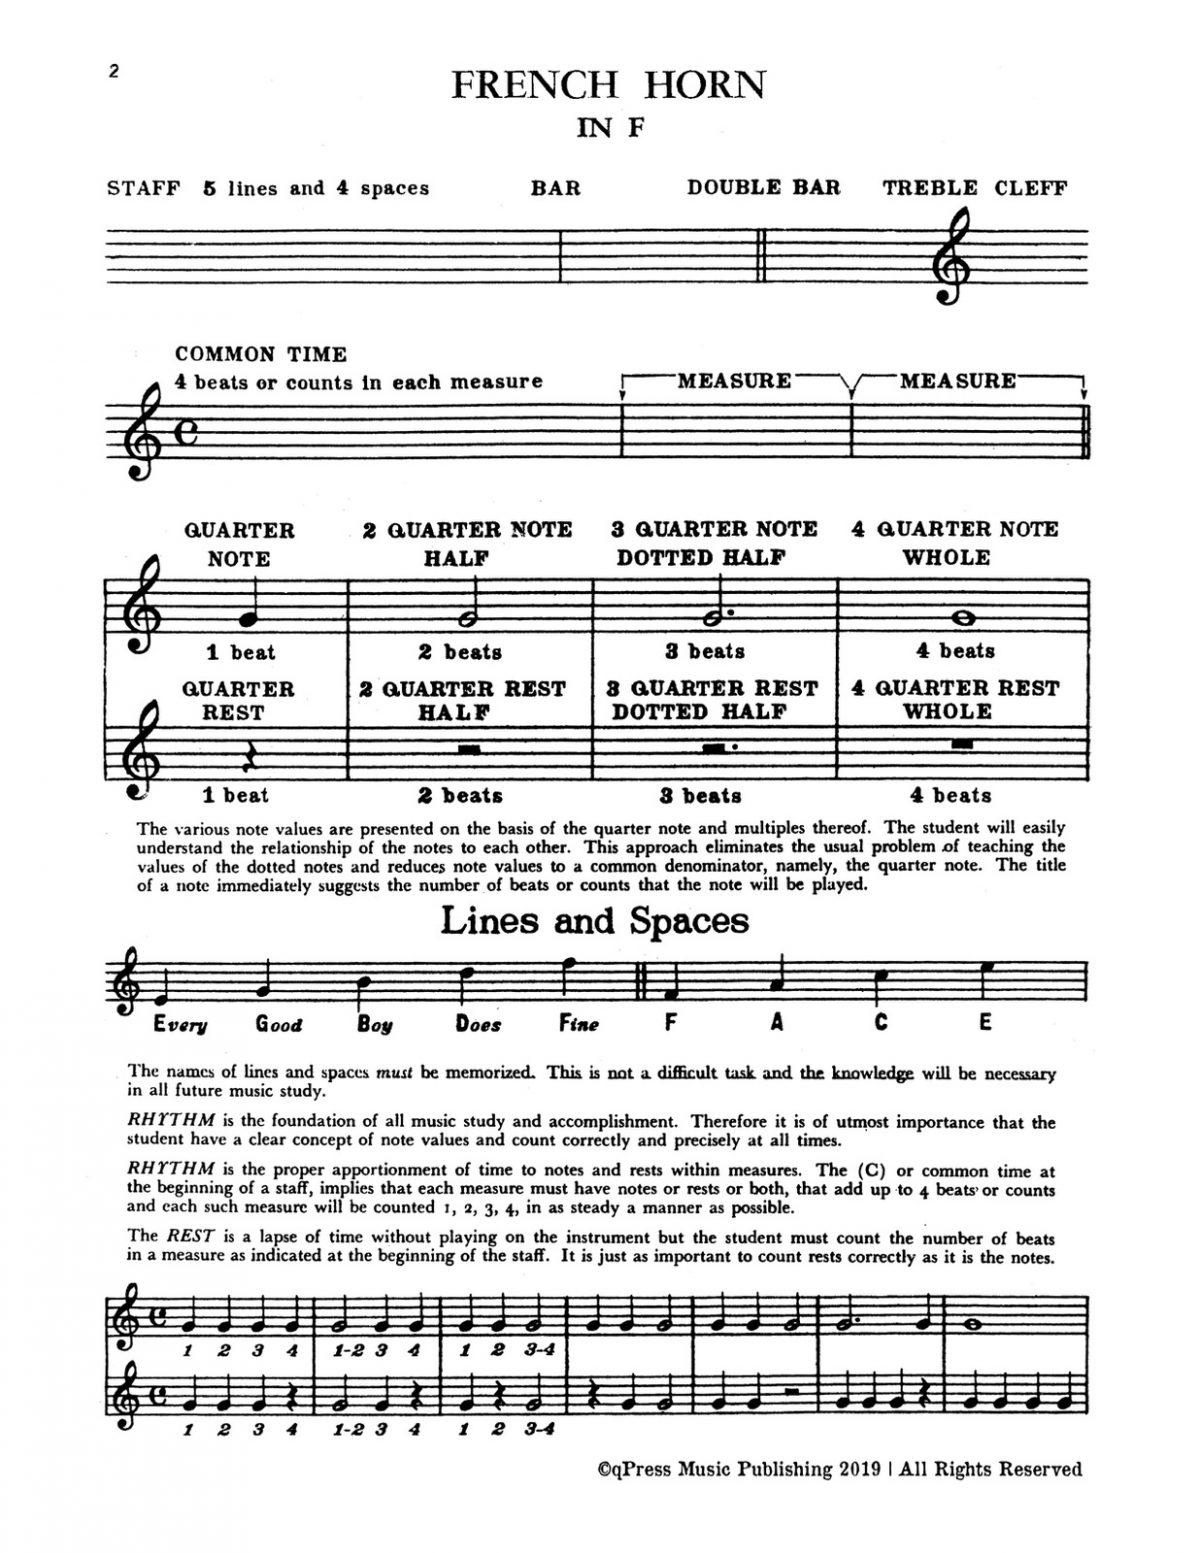 Erdman, Robert, The Master Method for French Horn-p04